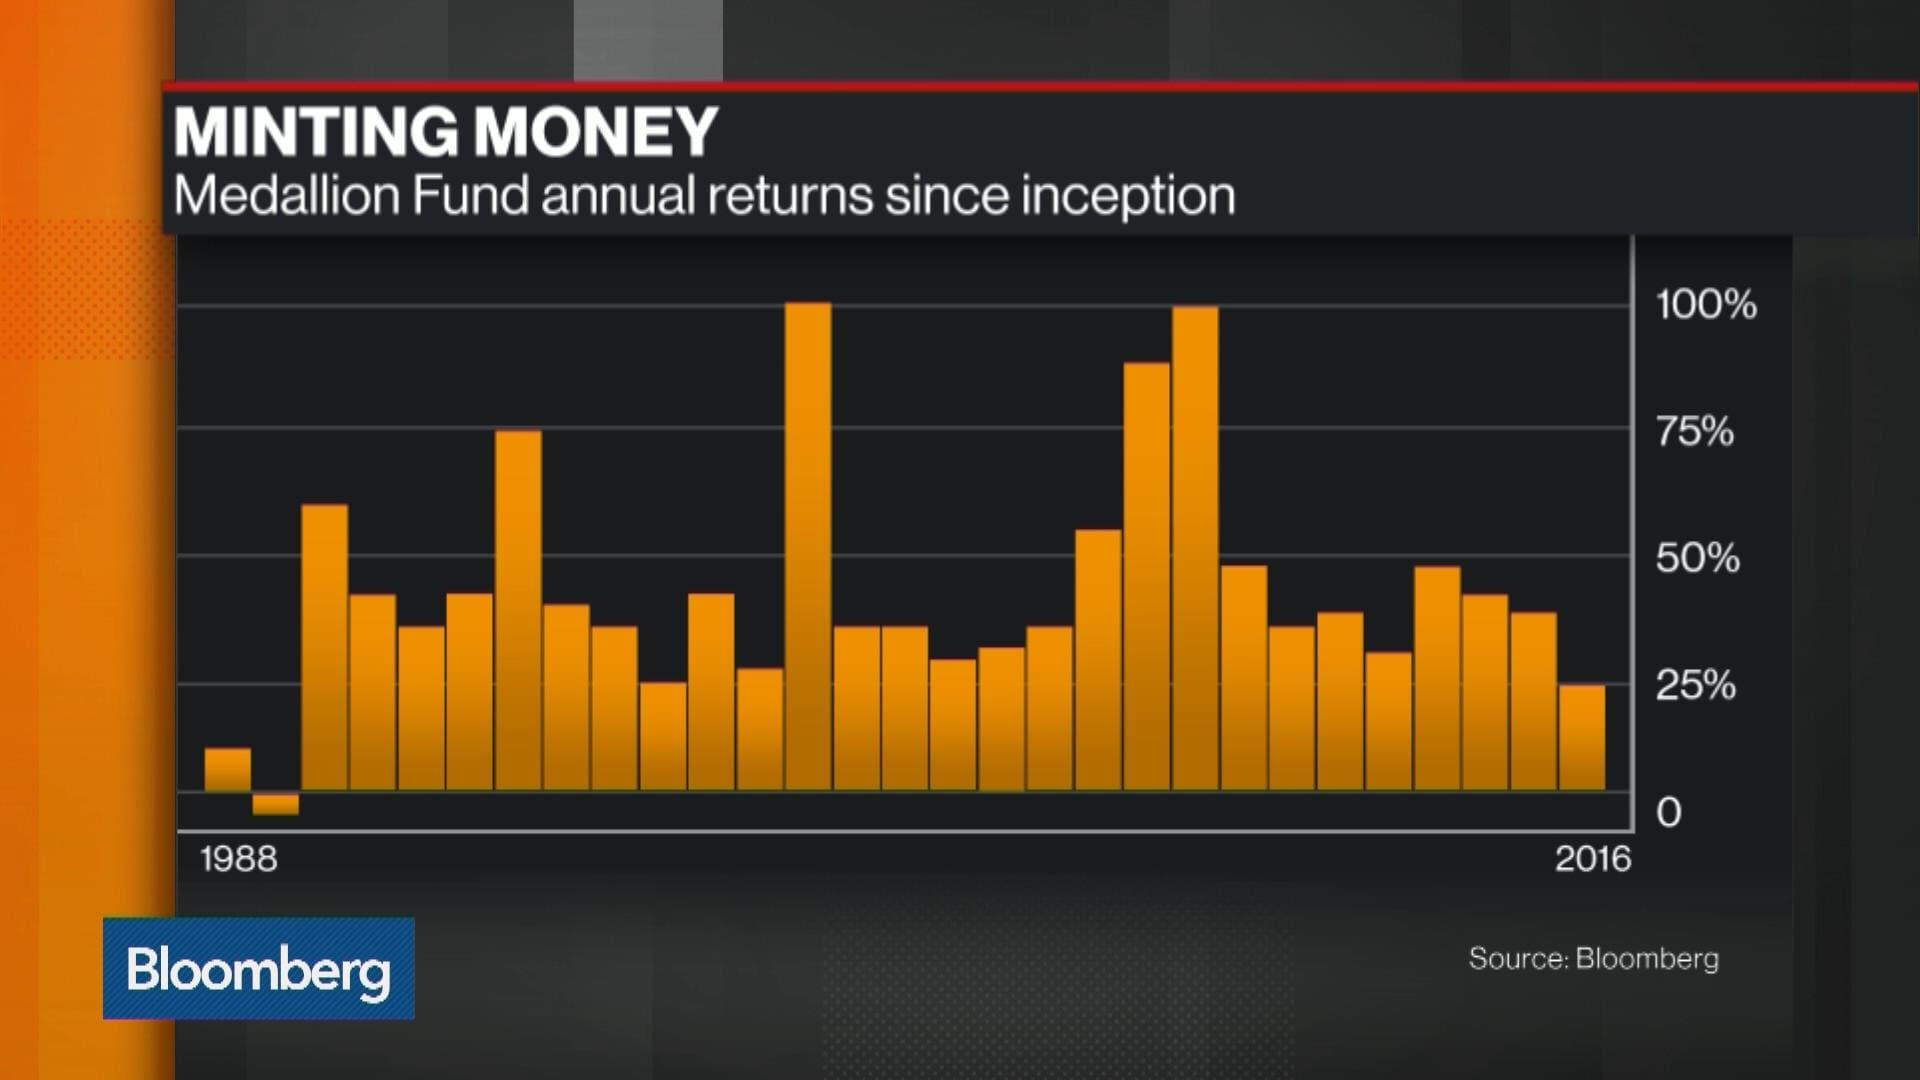 Renaissance the medallion fund performance Podielové fondy vs. indexové ETF fondy – aké sú najnovšie trendy?